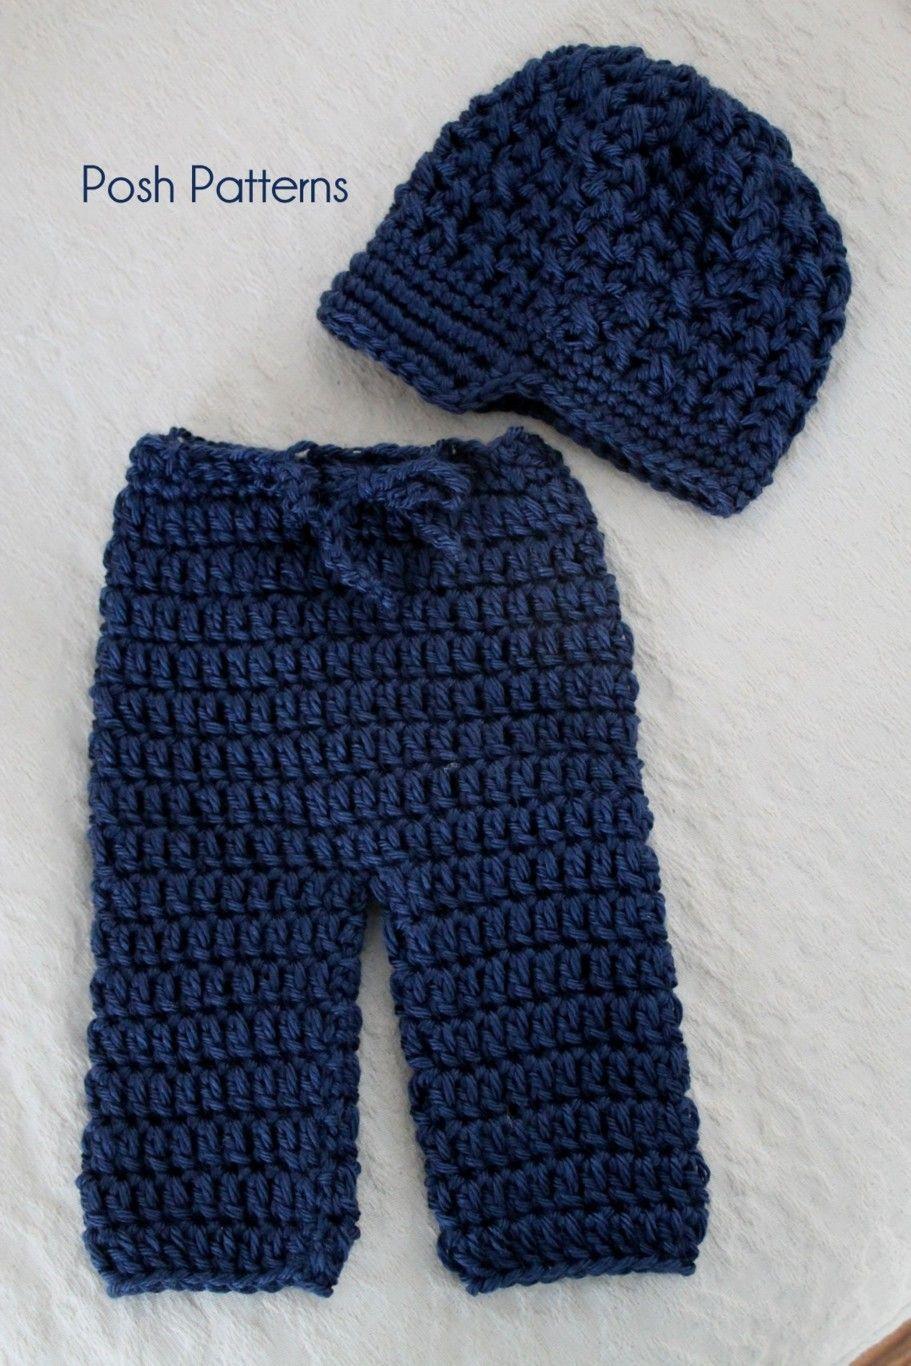 Crochet baby pants and newsboy hat pattern set. #crochetpattern #photographyprop #poshpatterns